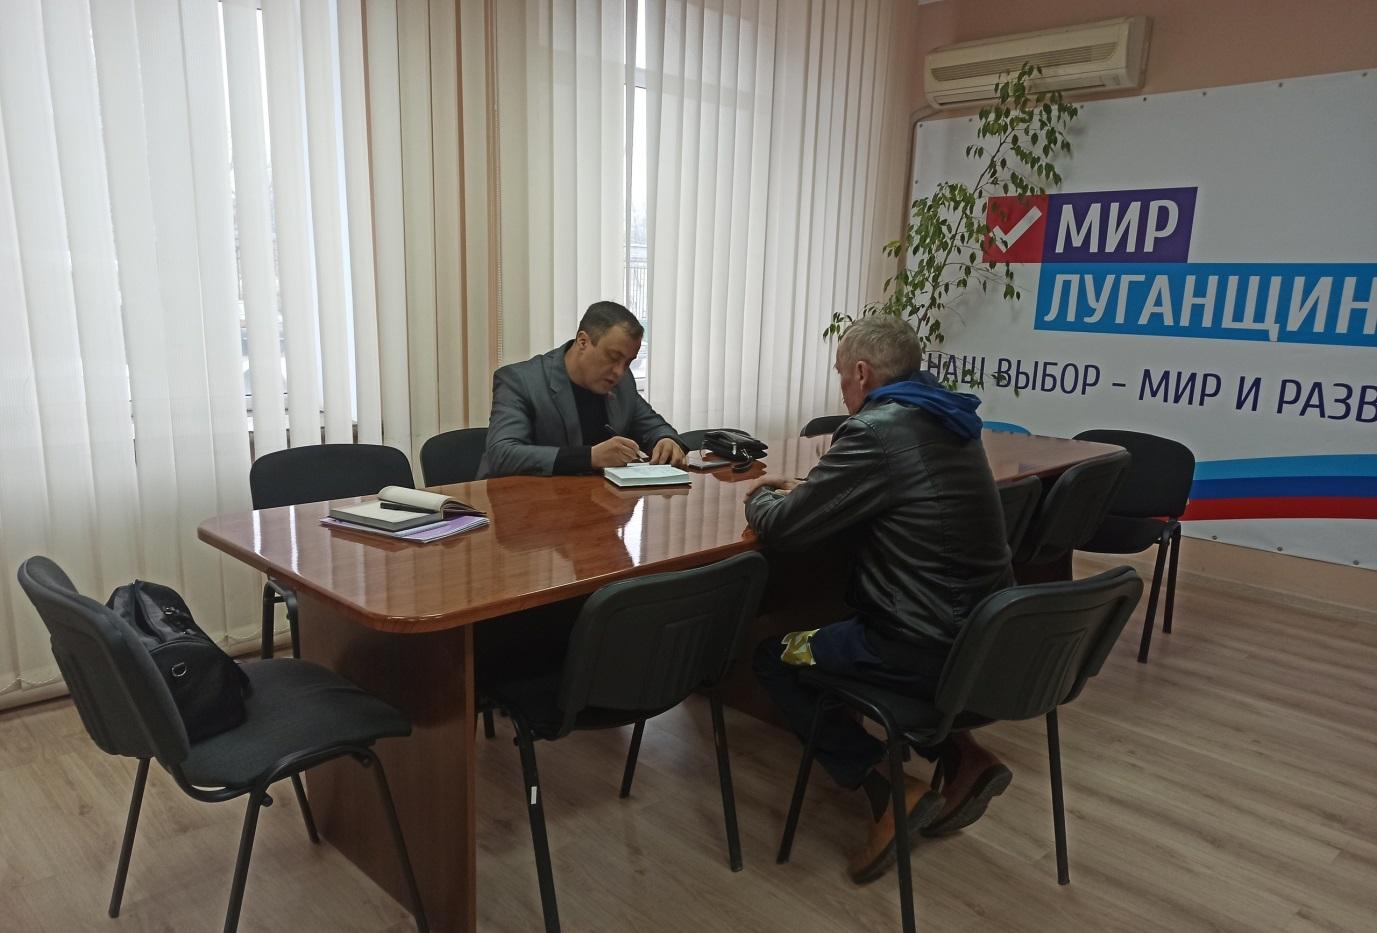 В Лутугино прошел прием граждан депутата Народного Совета ЛНР Владимира Санкина 1